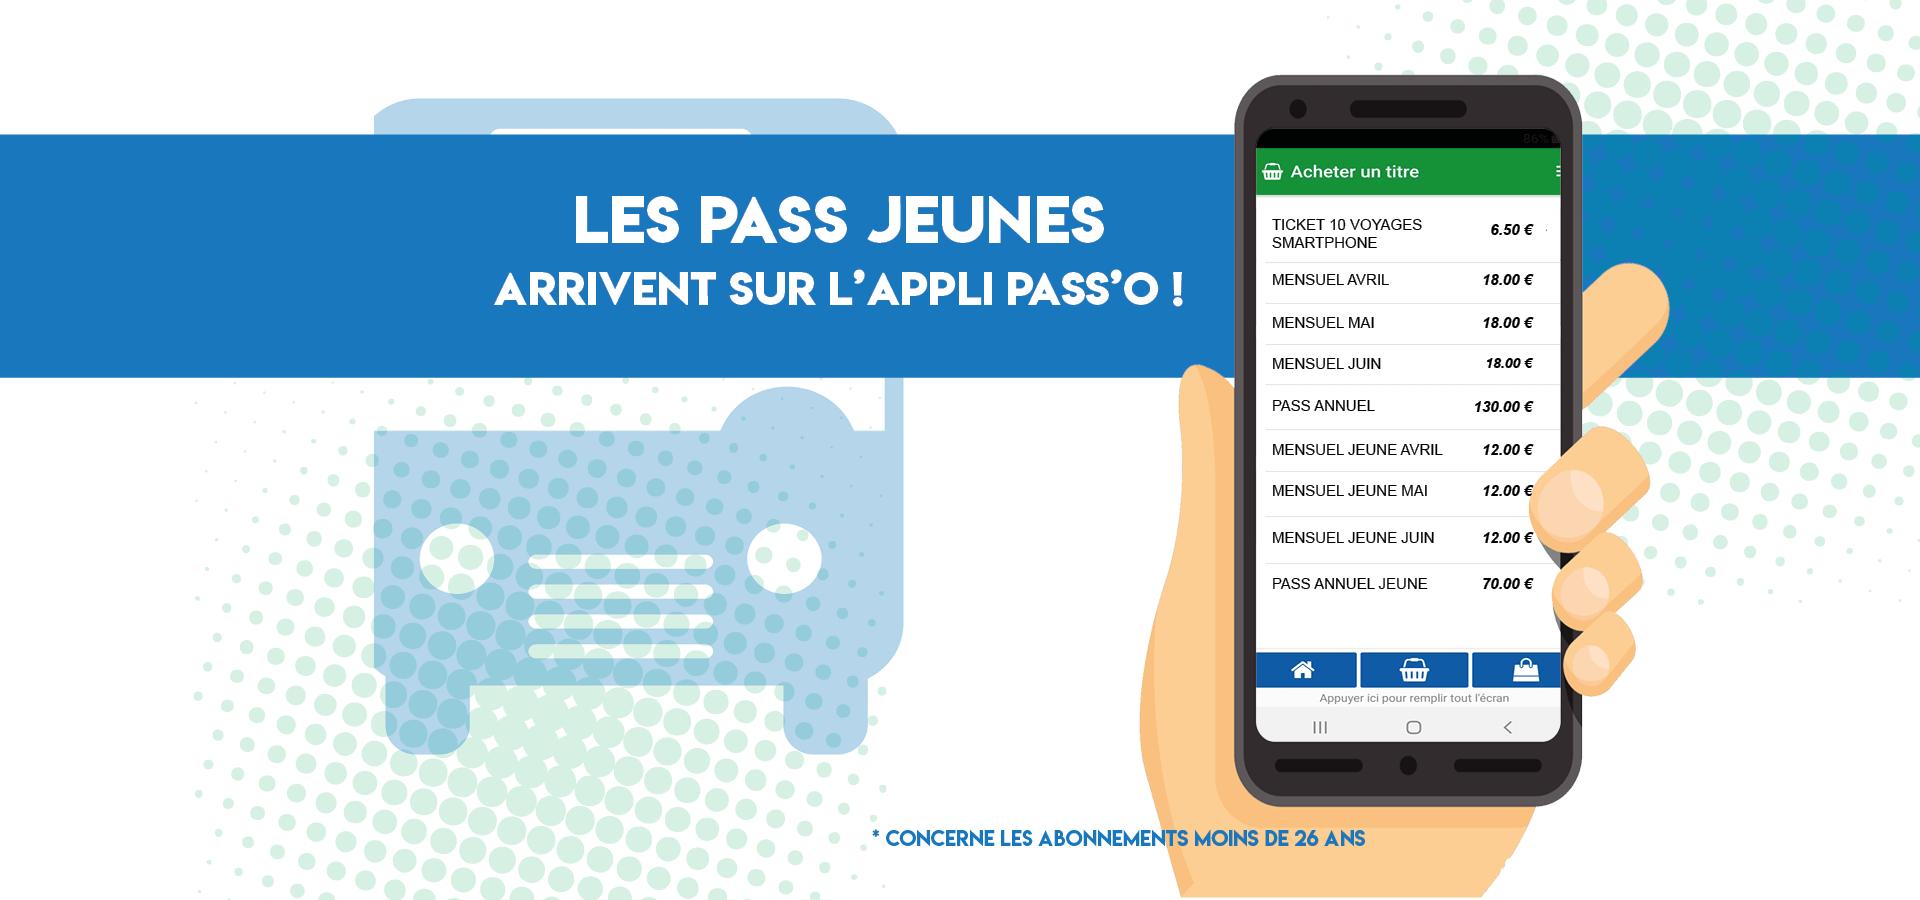 Achetez vos pass Jeunes sur l'application Pass'O